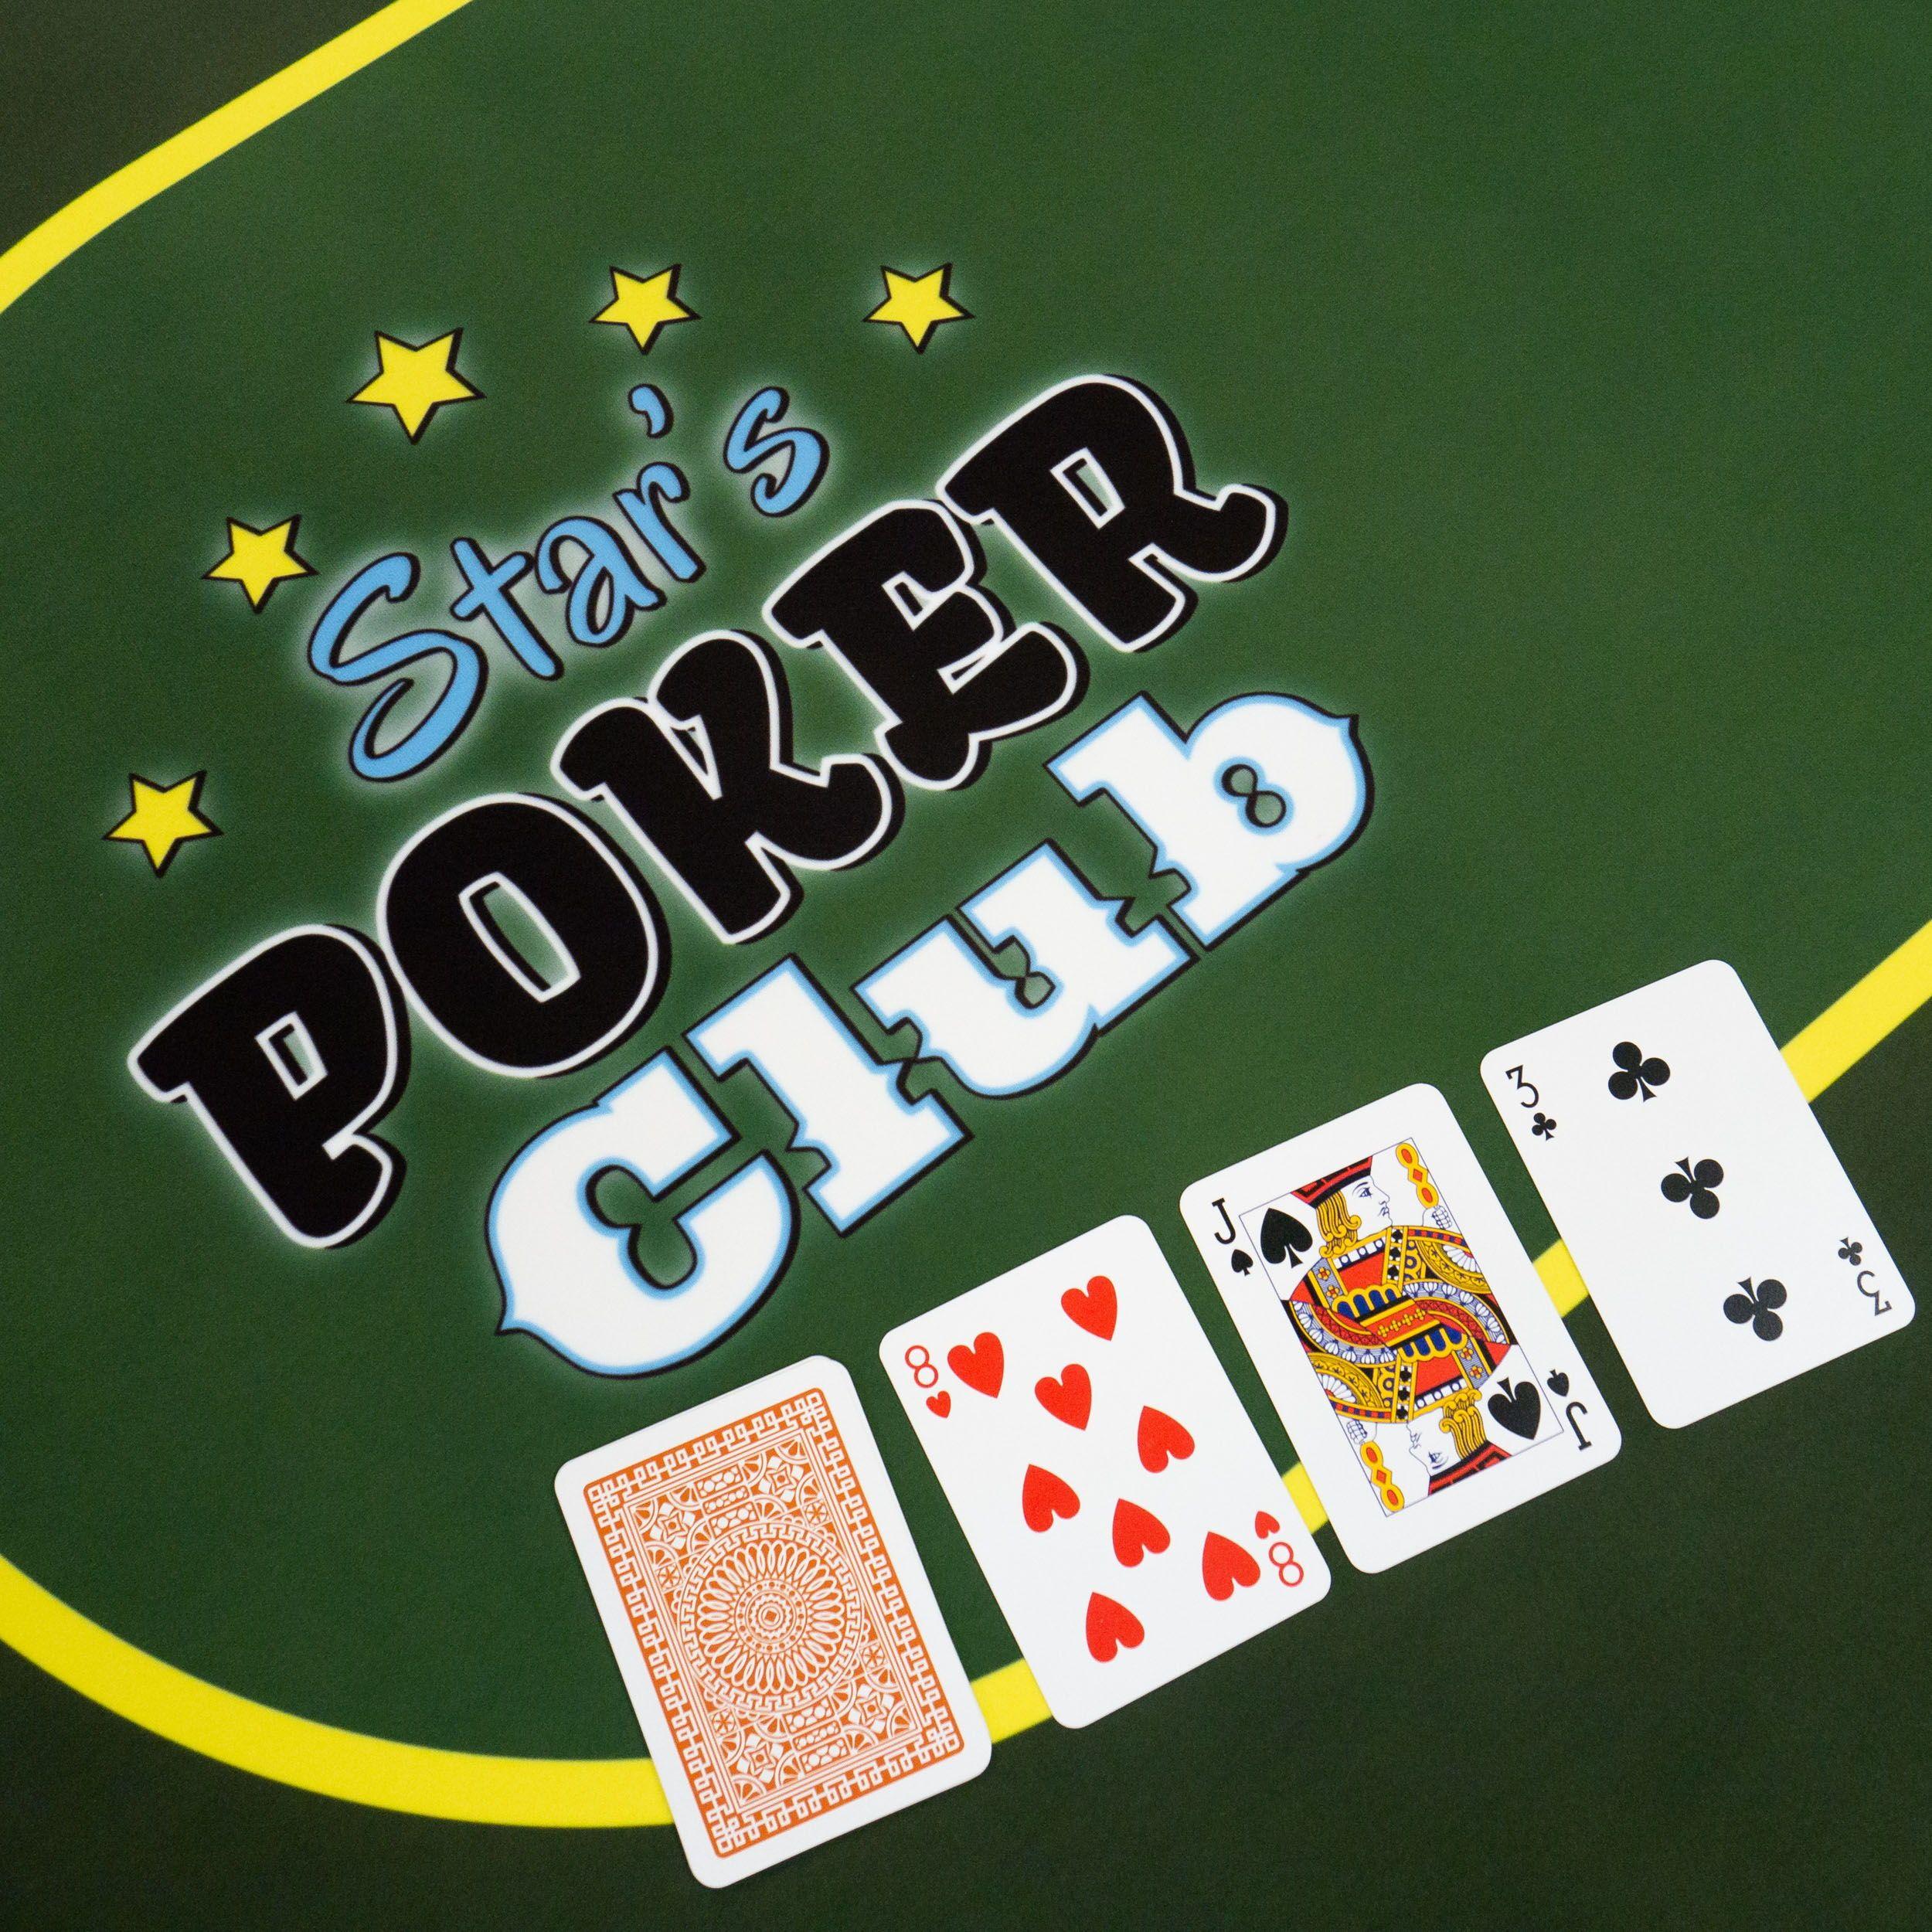 Includes Bonus 2 Poker Blind Button Set! Casino Quality Hi-Lo Poker Dealer Button